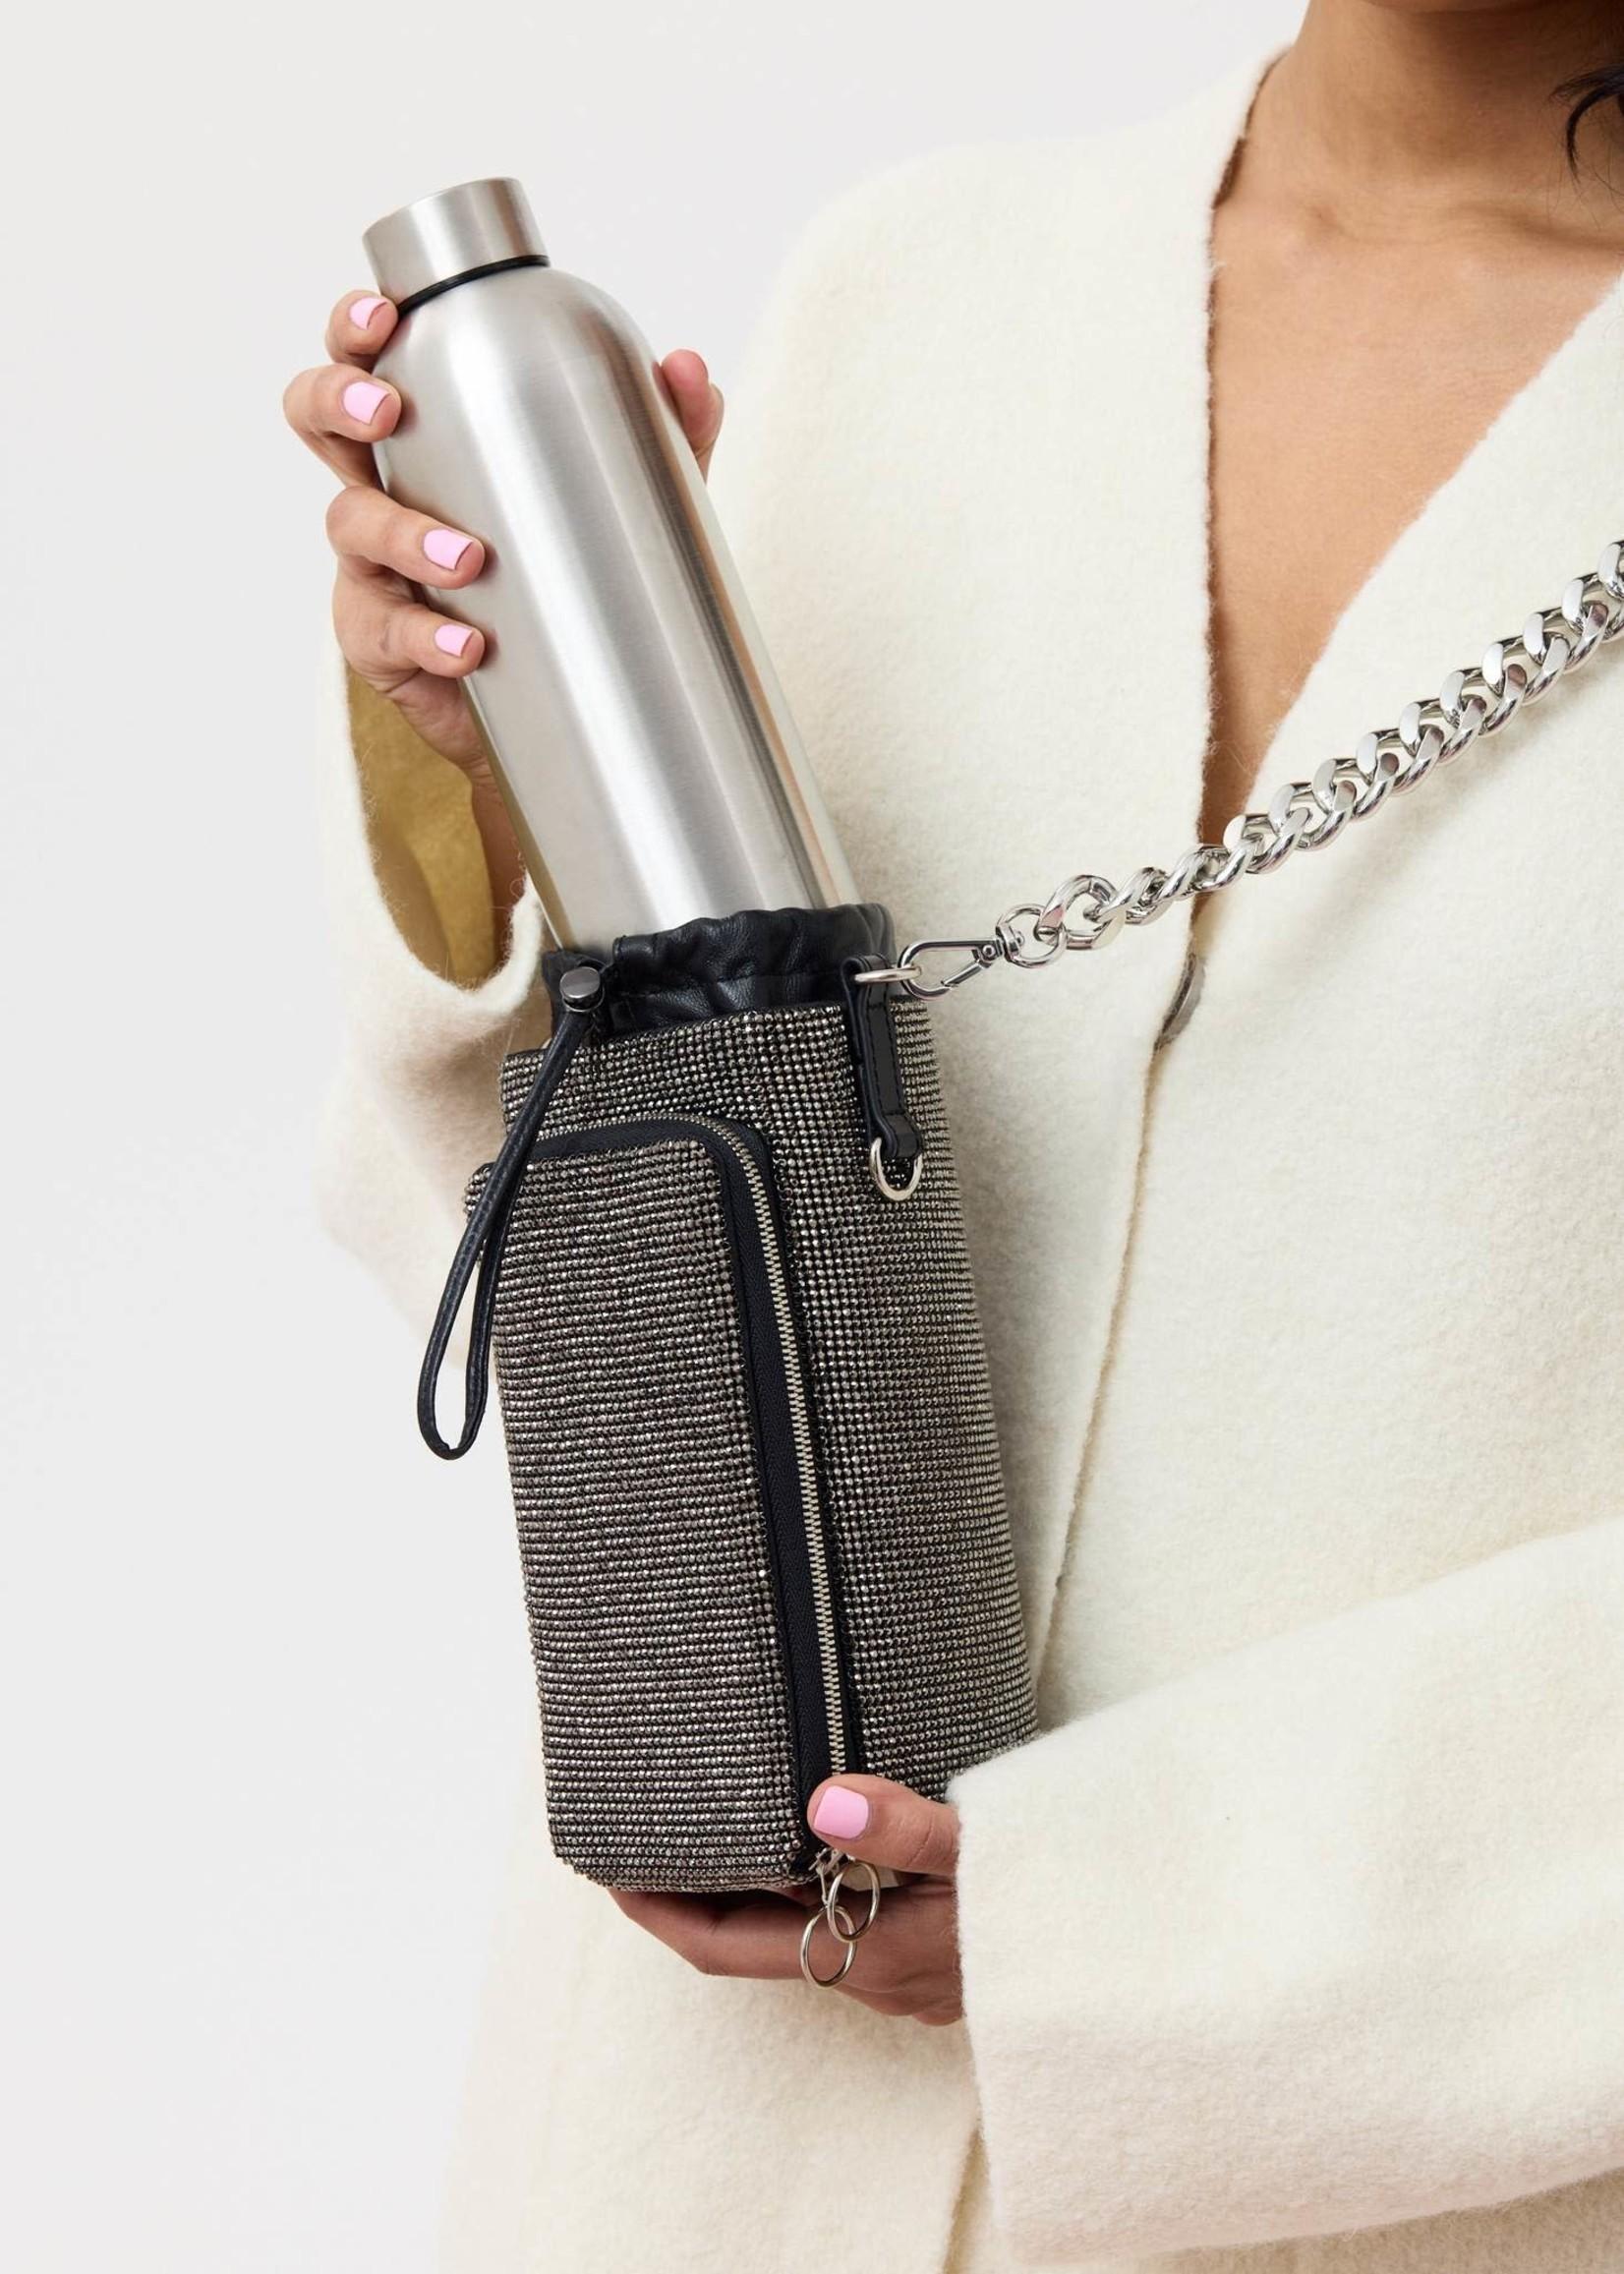 KARA Hematite Crystal Mesh Water Bottle Bag